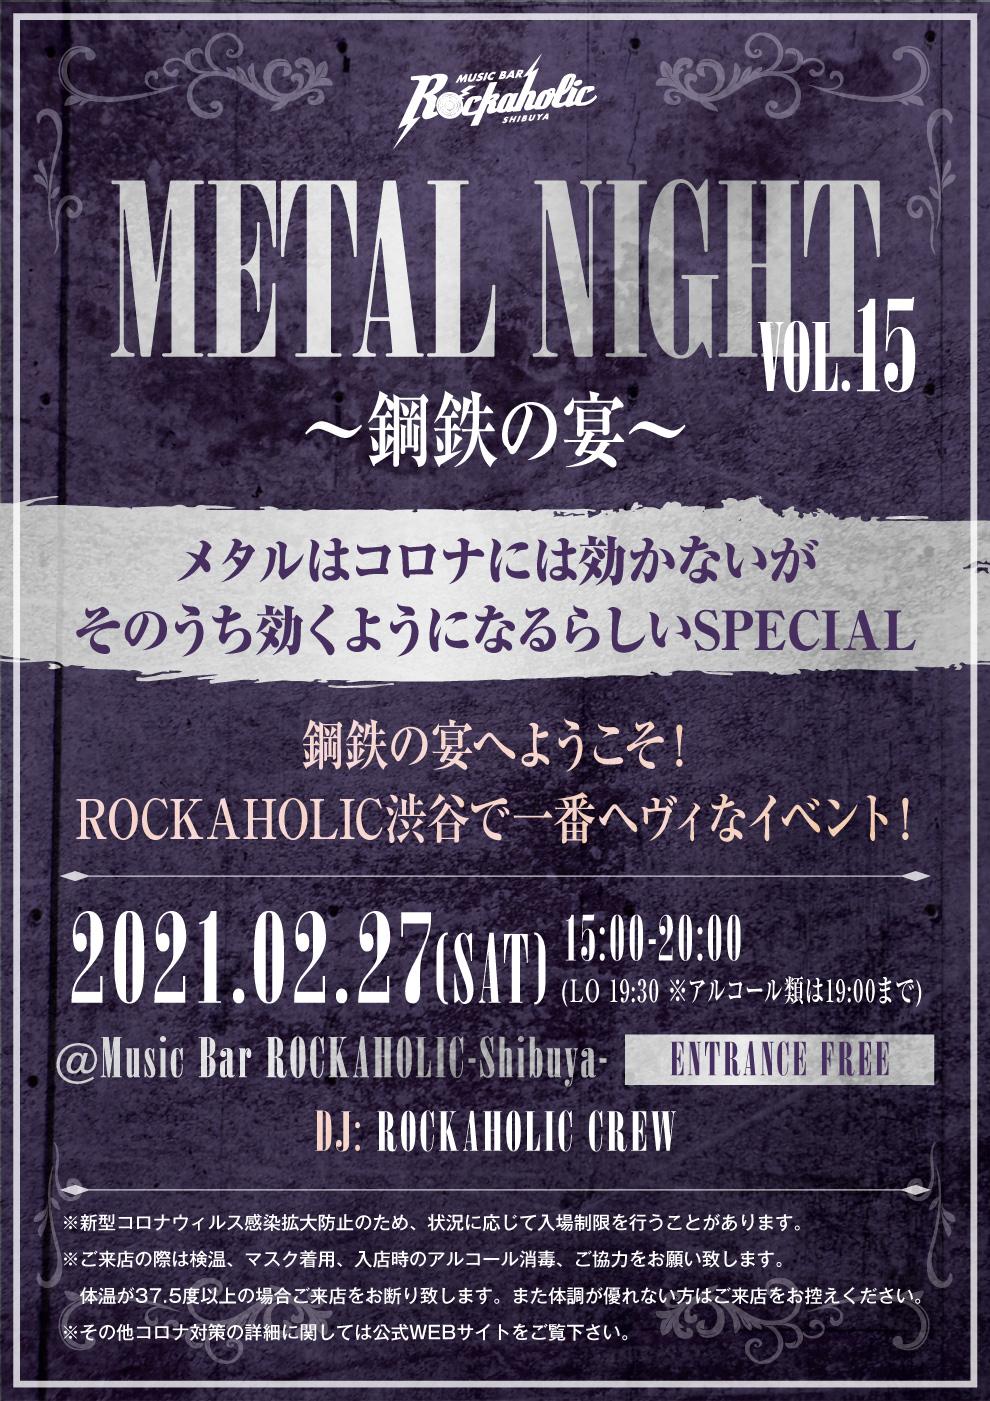 https://bar-rockaholic.jp/shibuya/blog/IMG_4559.JPG